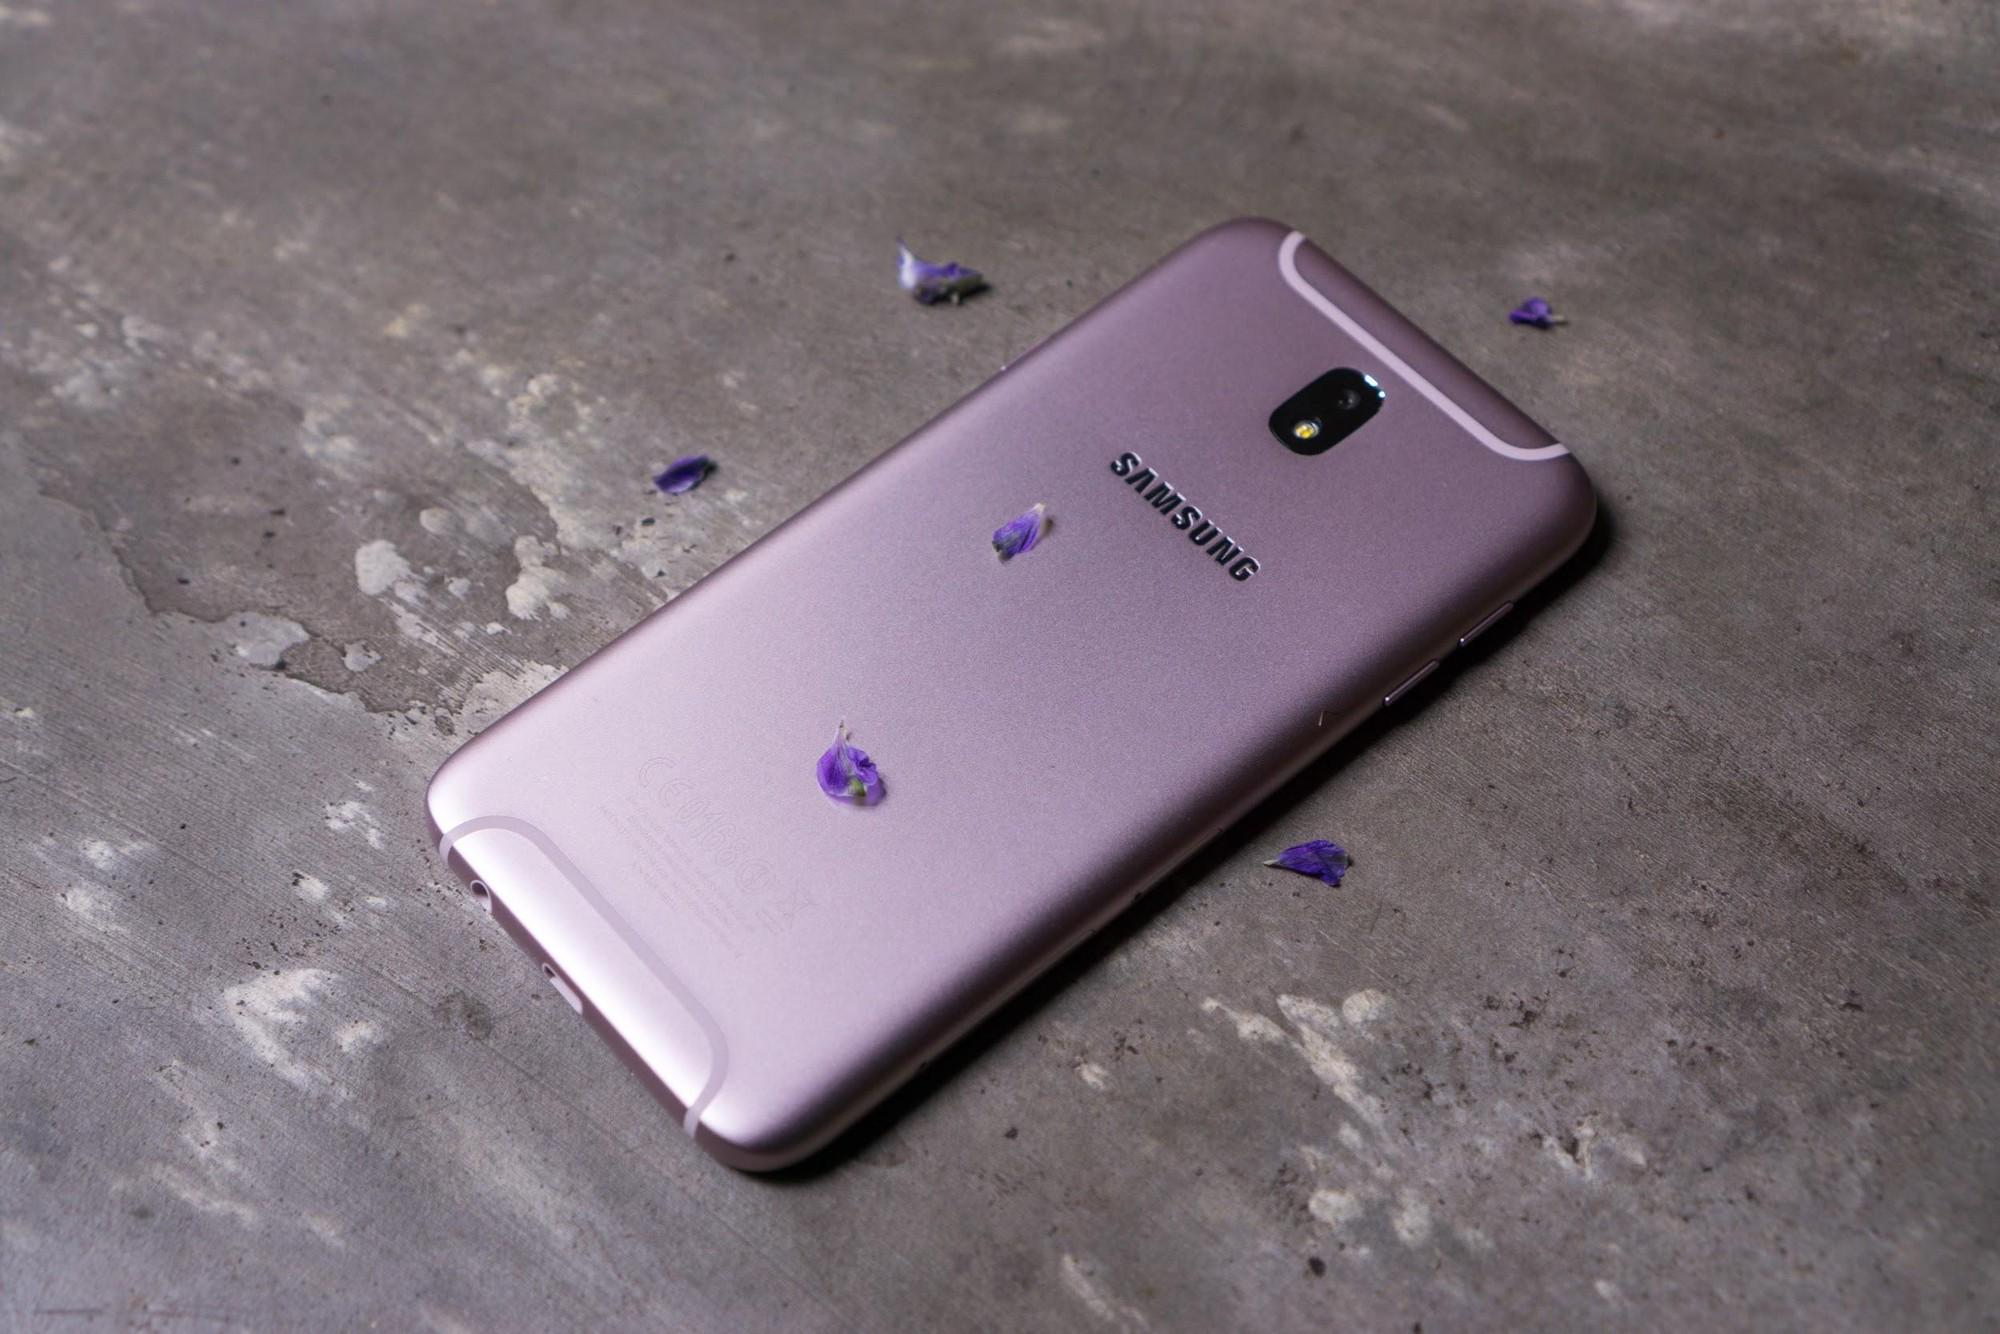 Bộ ảnh chụp cận cảnh Galaxy J7 Pro màu hồng nữ tính, món quà ý